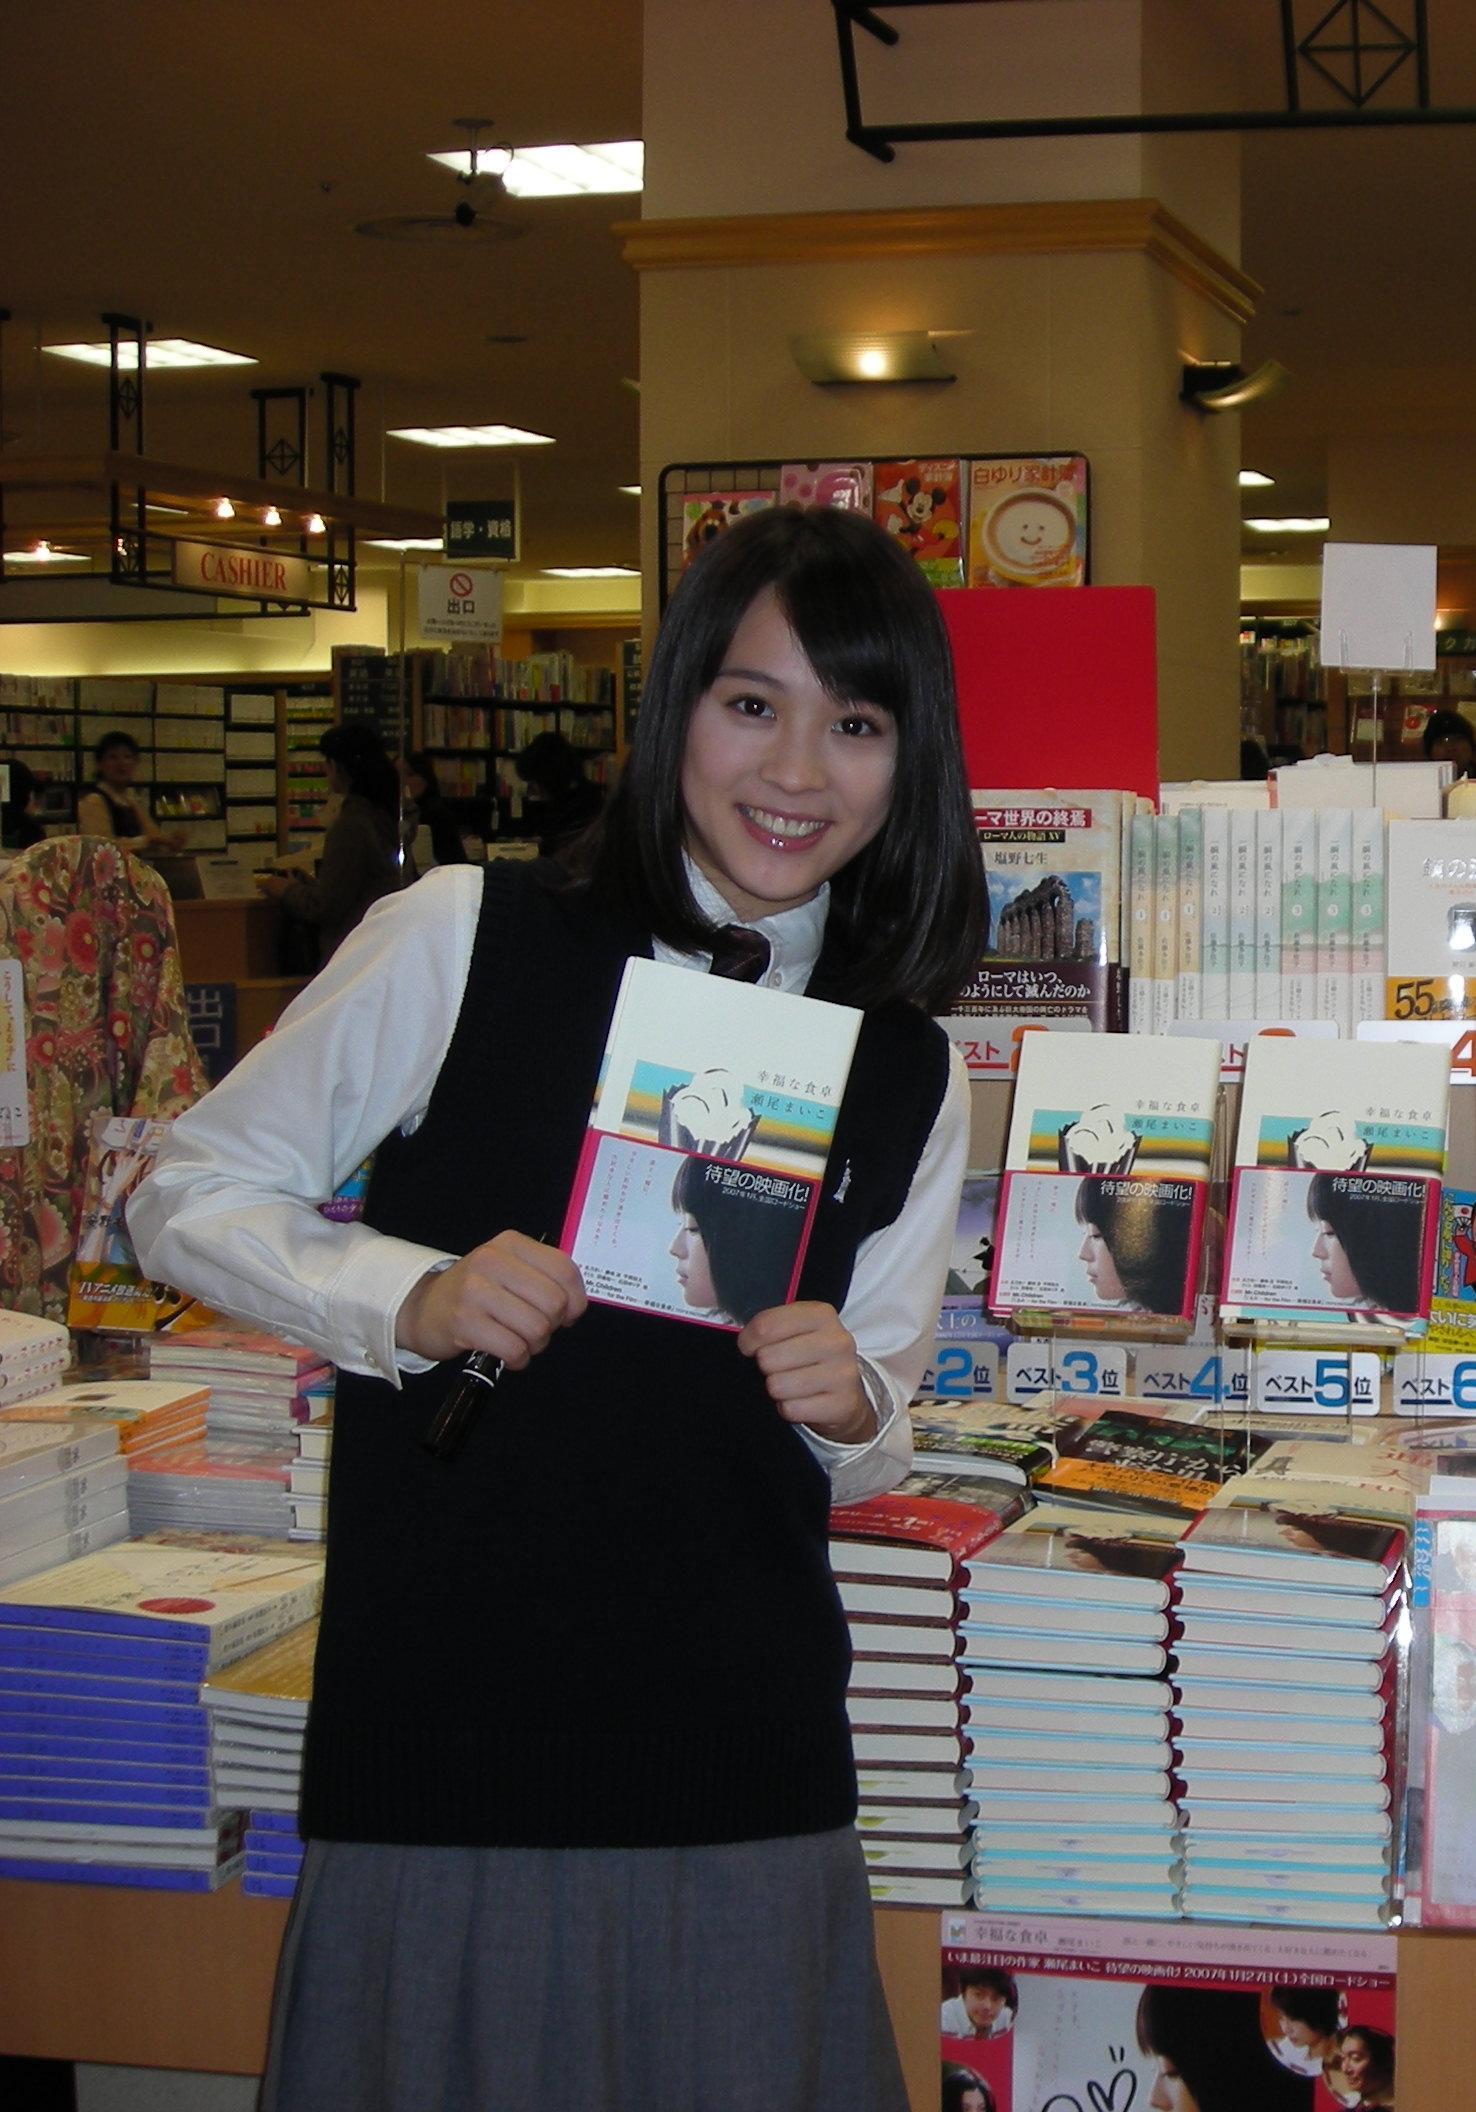 Kii Kitano (b. 1991 Later became an actress